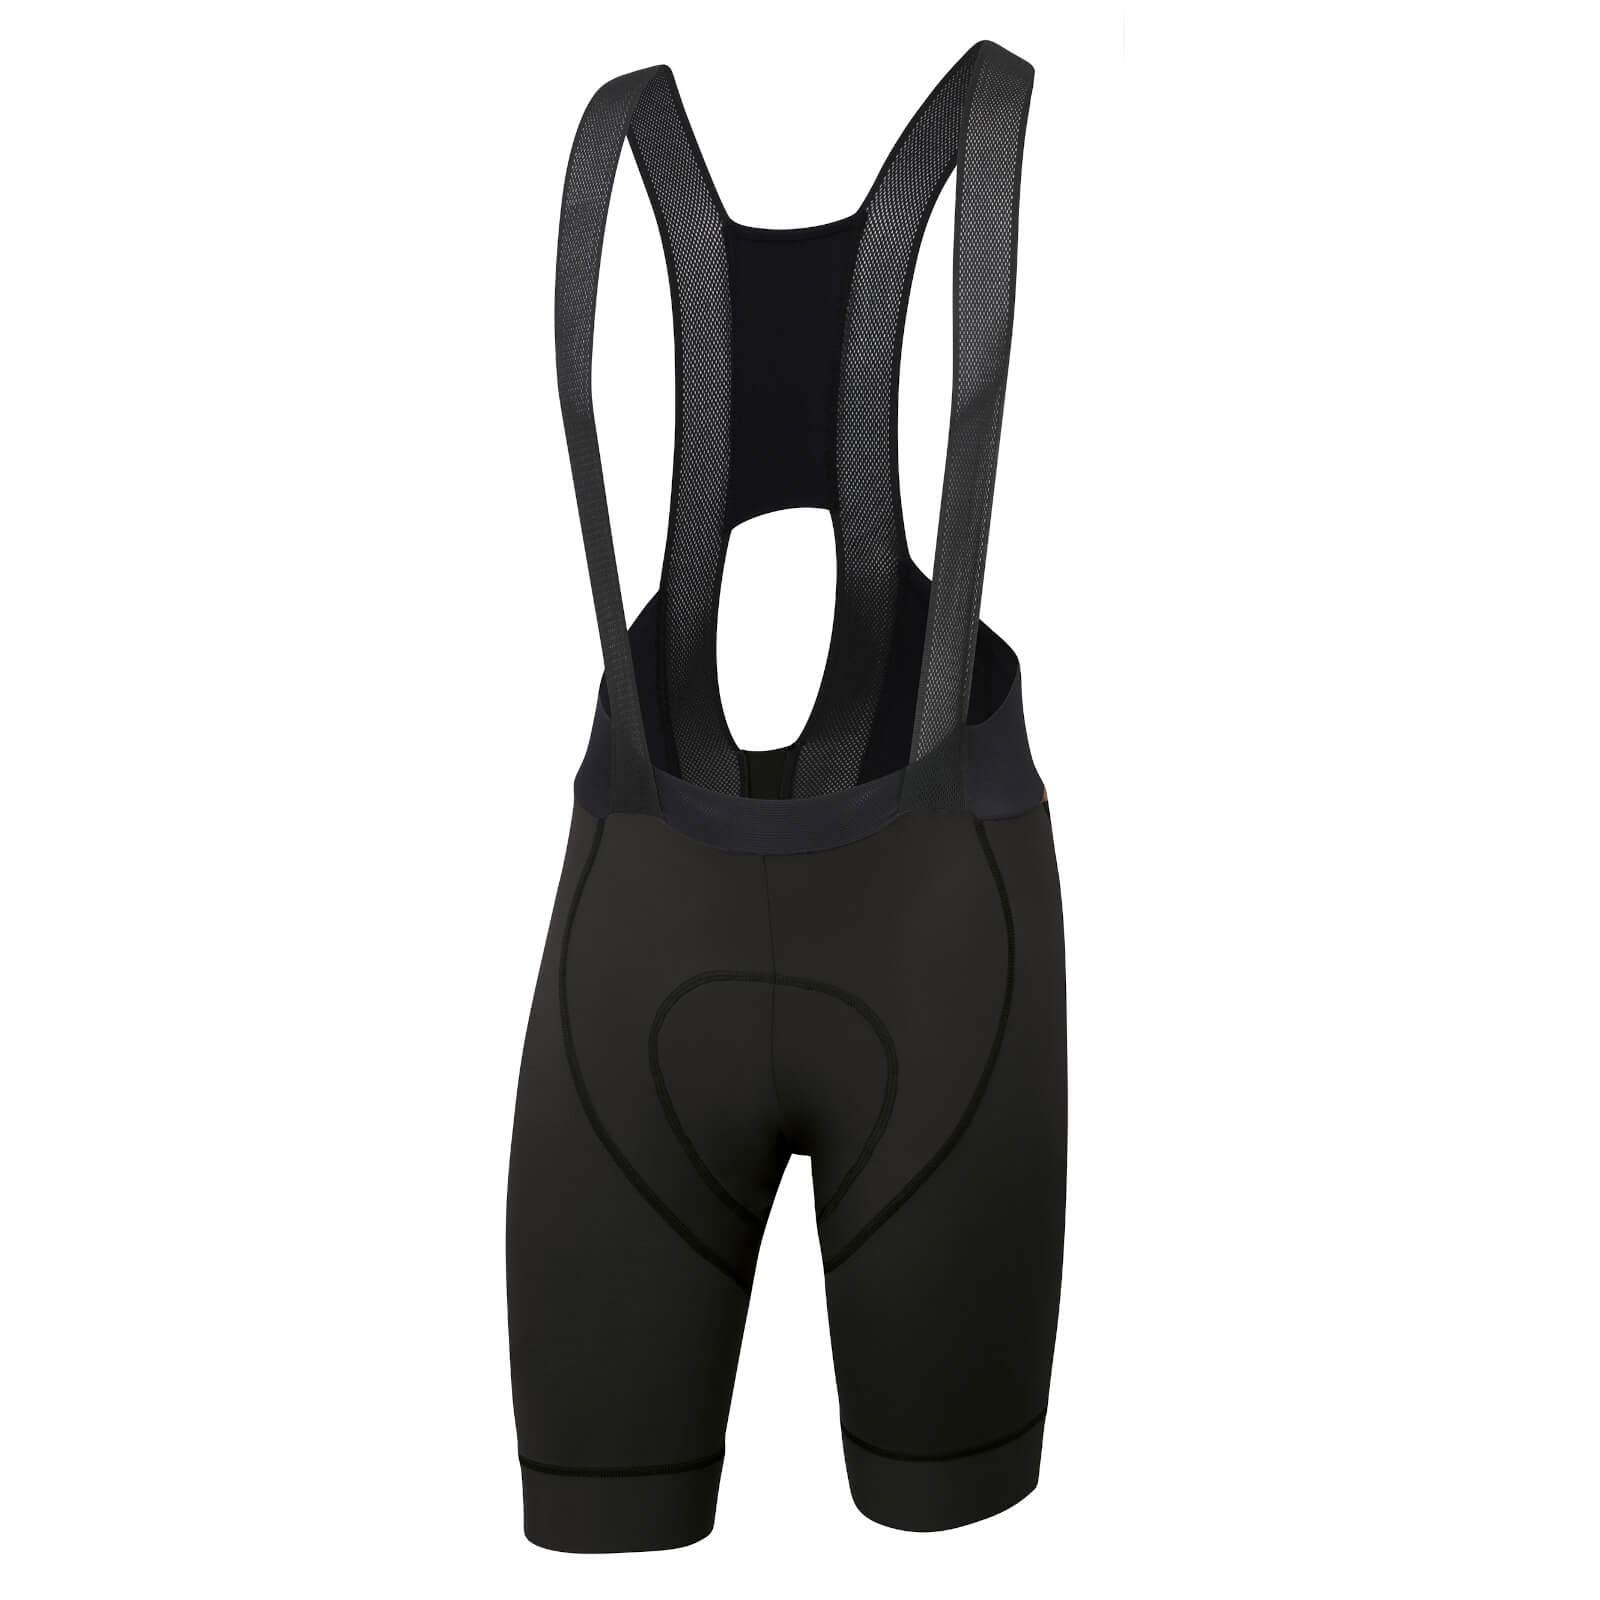 Sportful BodyFit Pro LTD Bib Shorts - M - Black